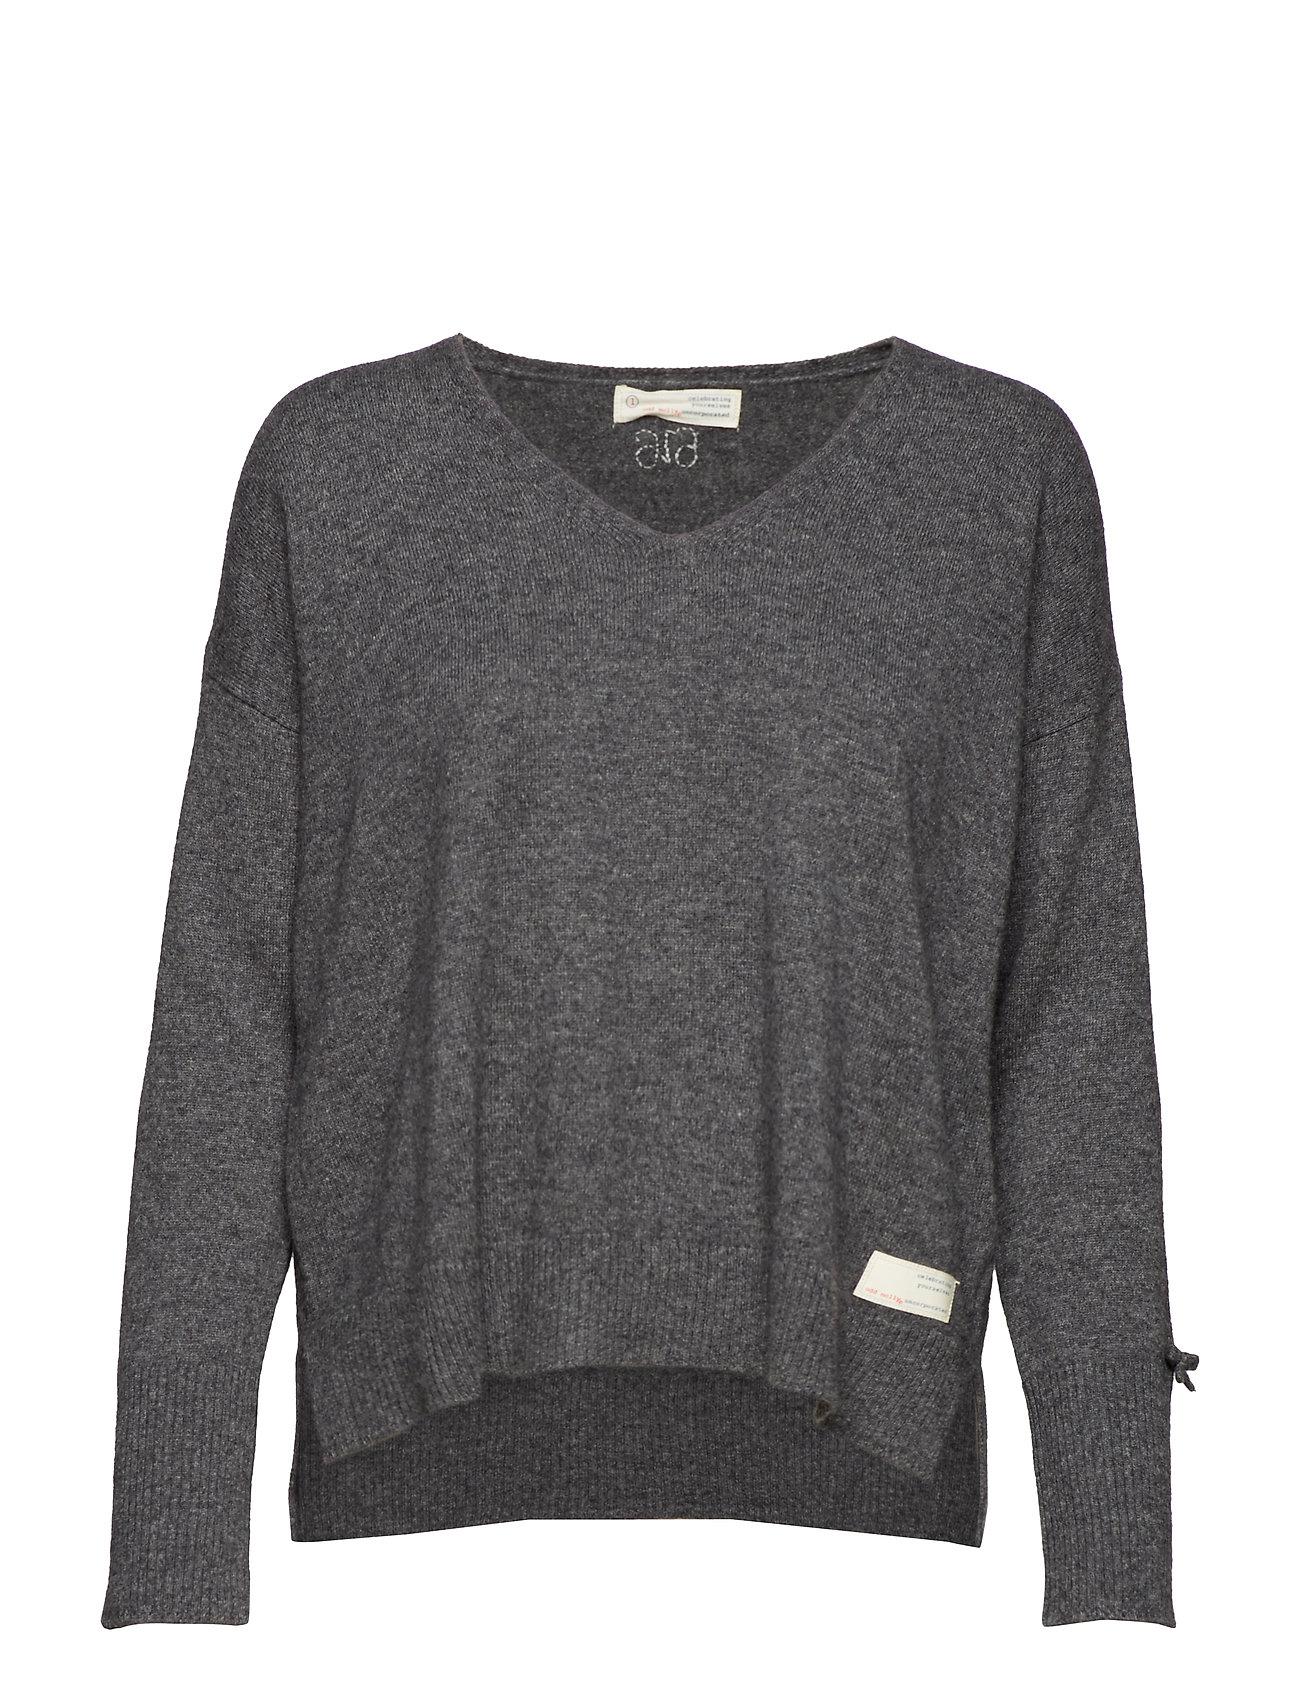 ODD MOLLY warm and vivid sweater Ögrönlar